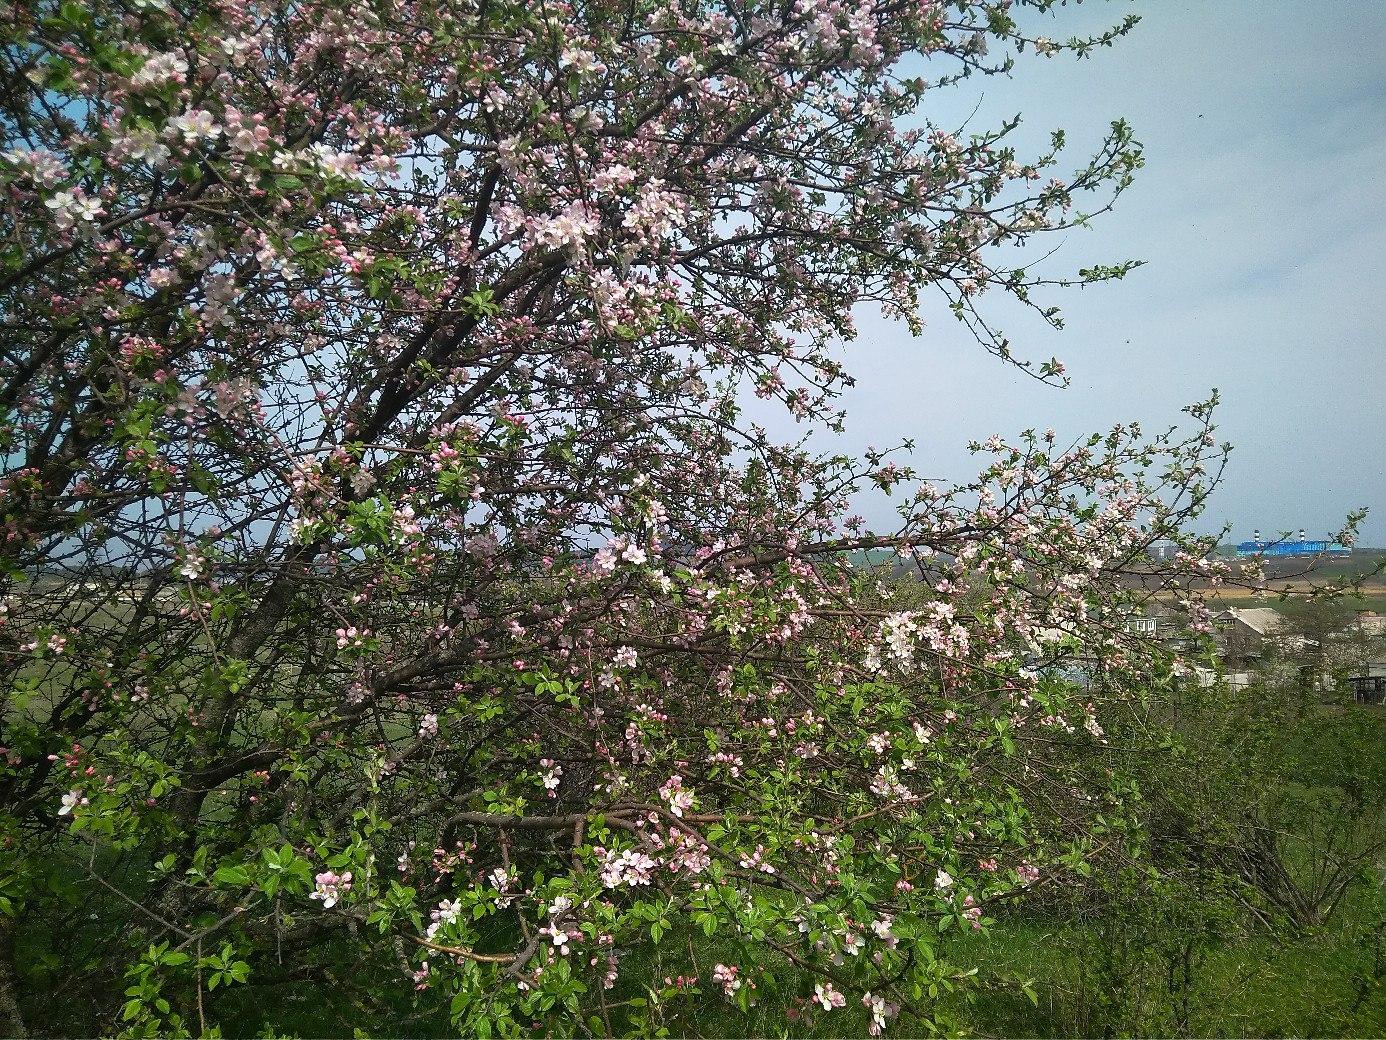 цветет дикая яблоня, Долина Малого Салгира к югу от Симферополя, Крым